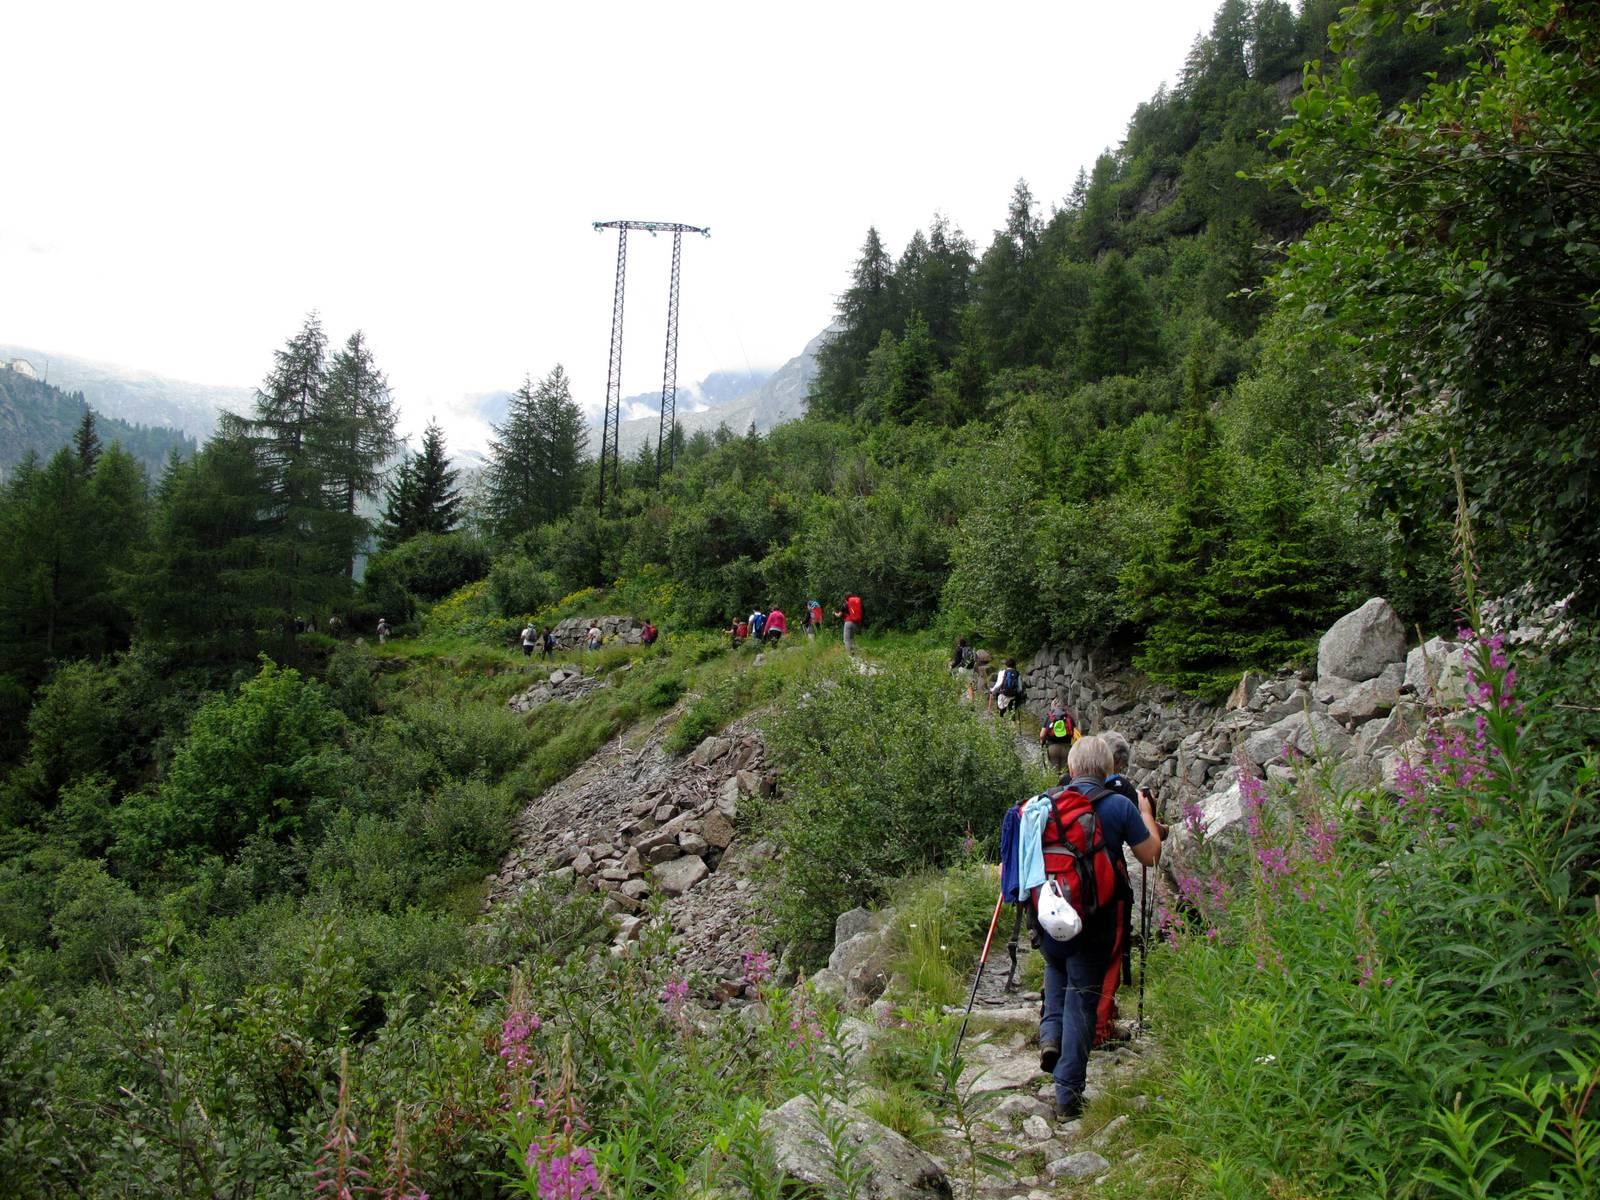 Passi-nella-neve-9-agosto-2014_Narrazione-in-cammino-destinazione-Garibaldi25 Copia